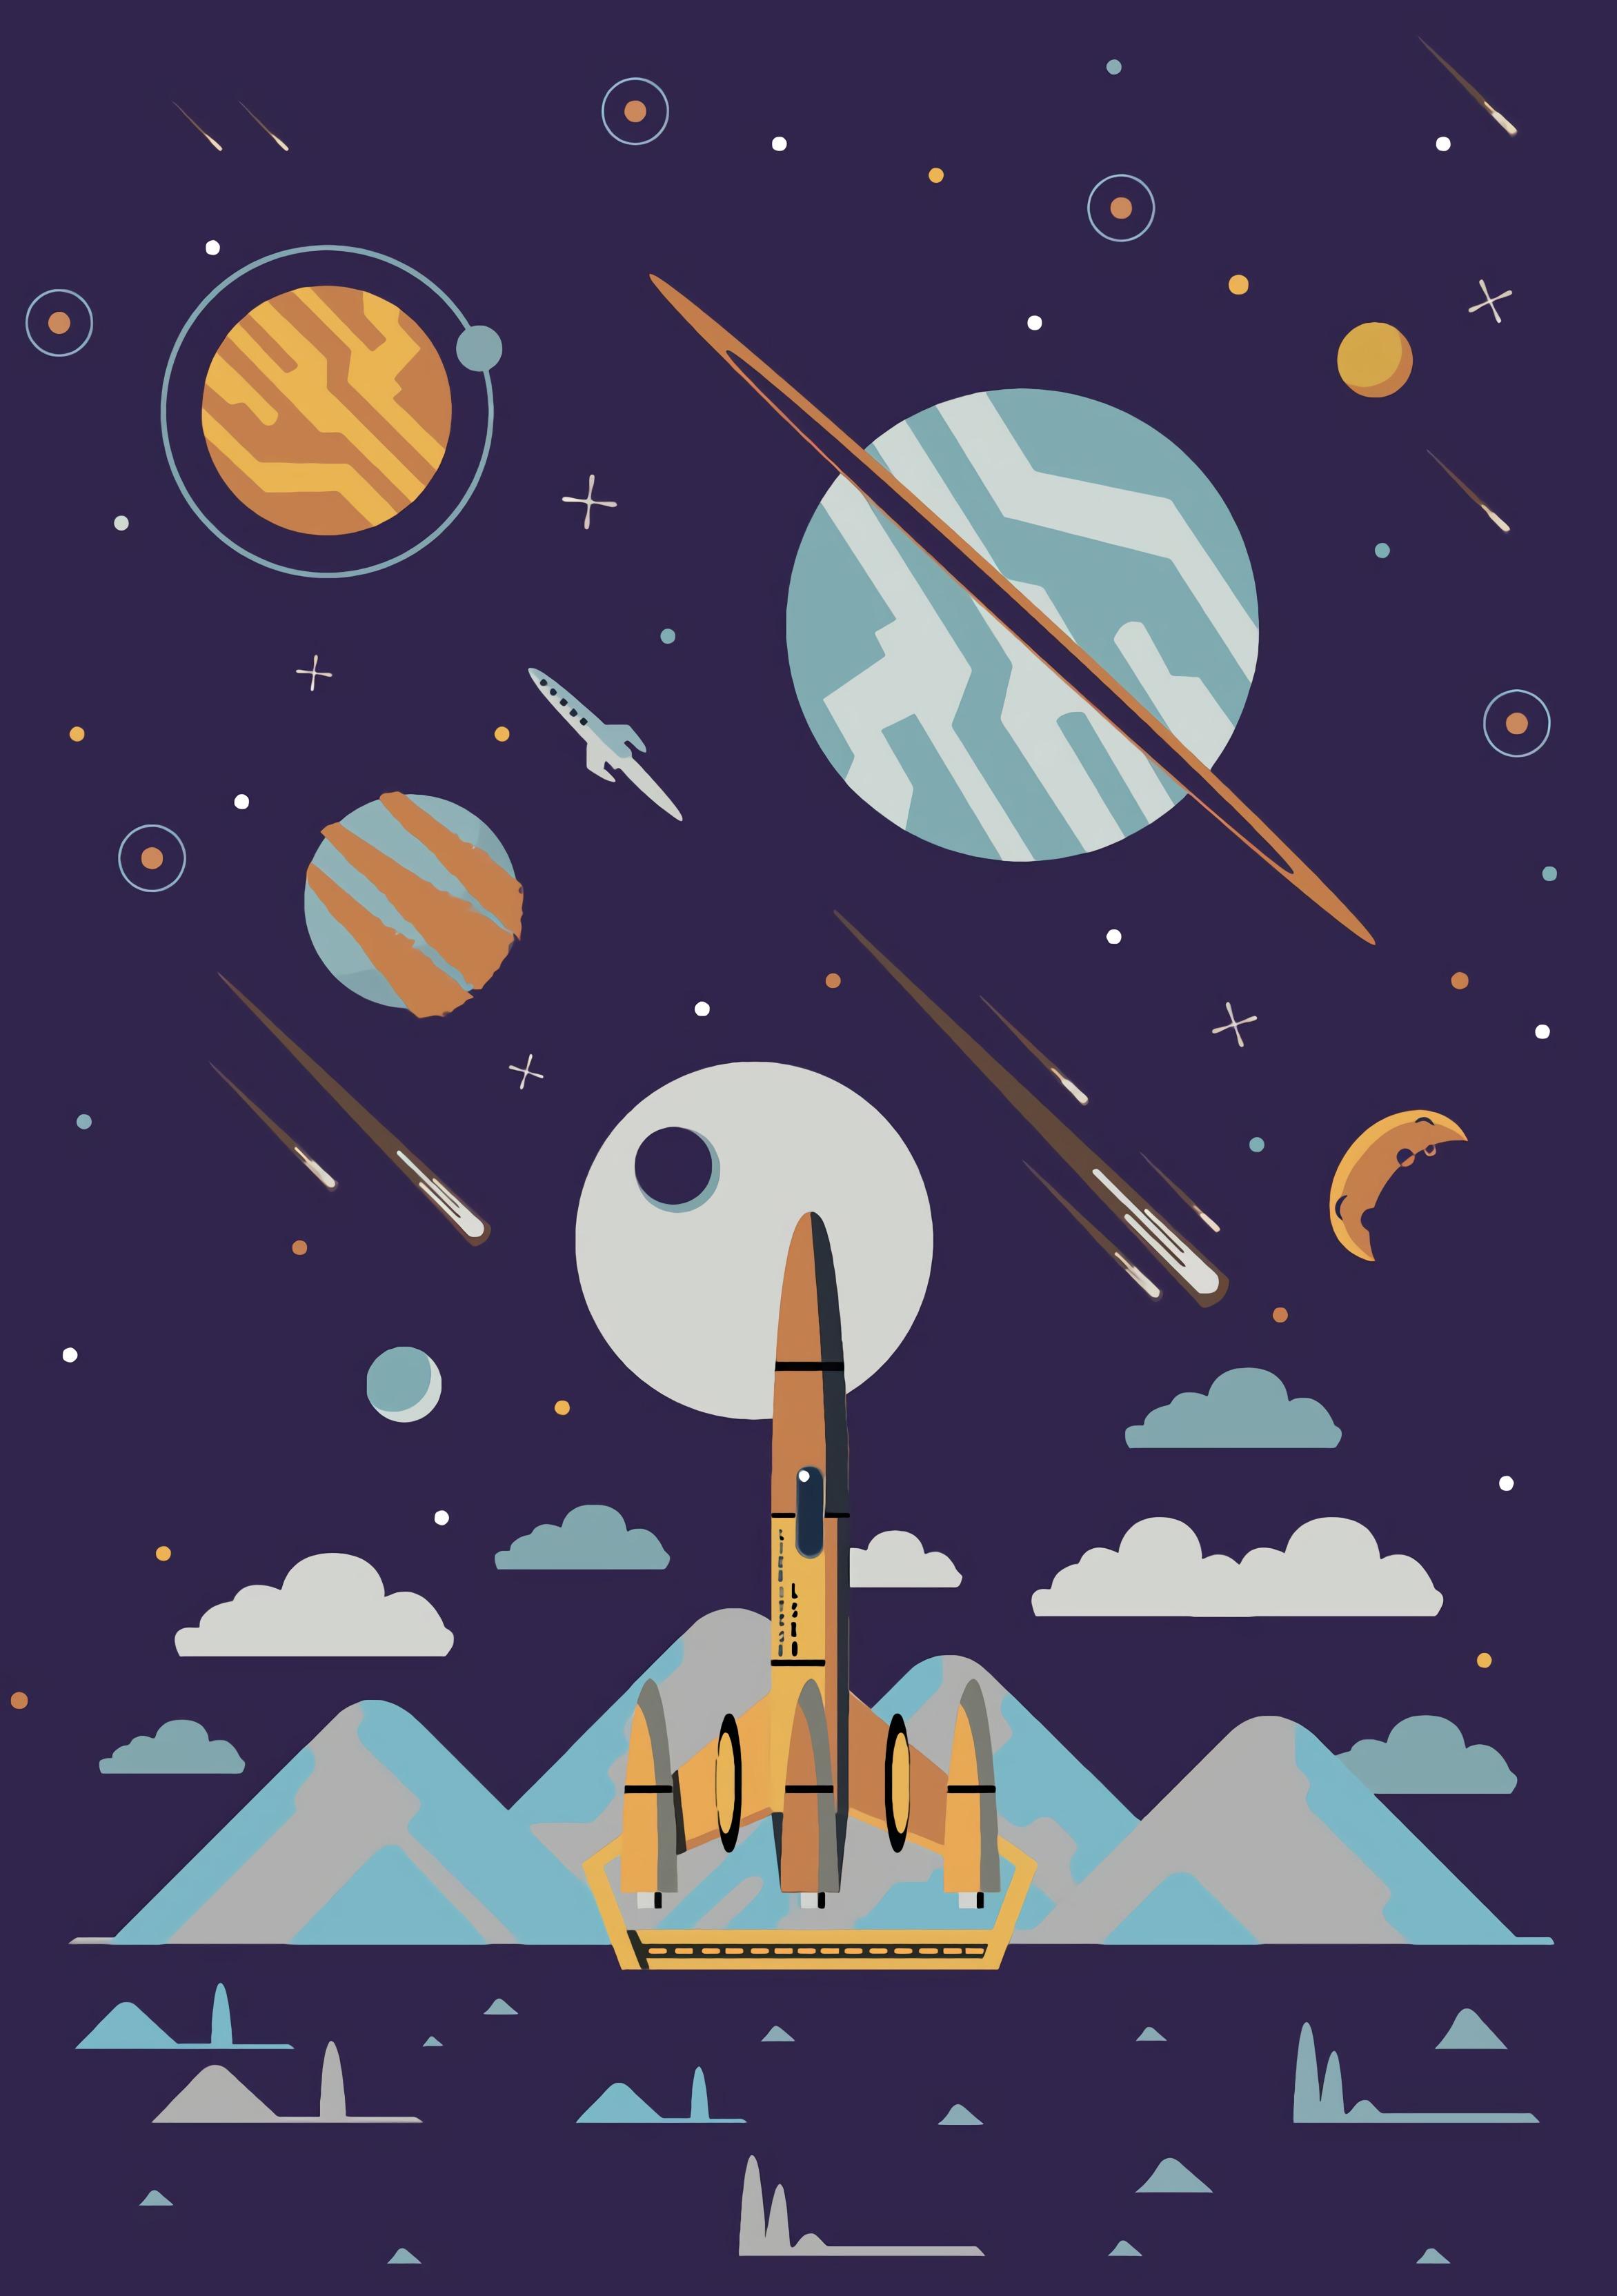 98339 Hintergrundbild herunterladen Planets, Kunst, Universum, Sterne, Vektor, Rakete, Raketen - Bildschirmschoner und Bilder kostenlos